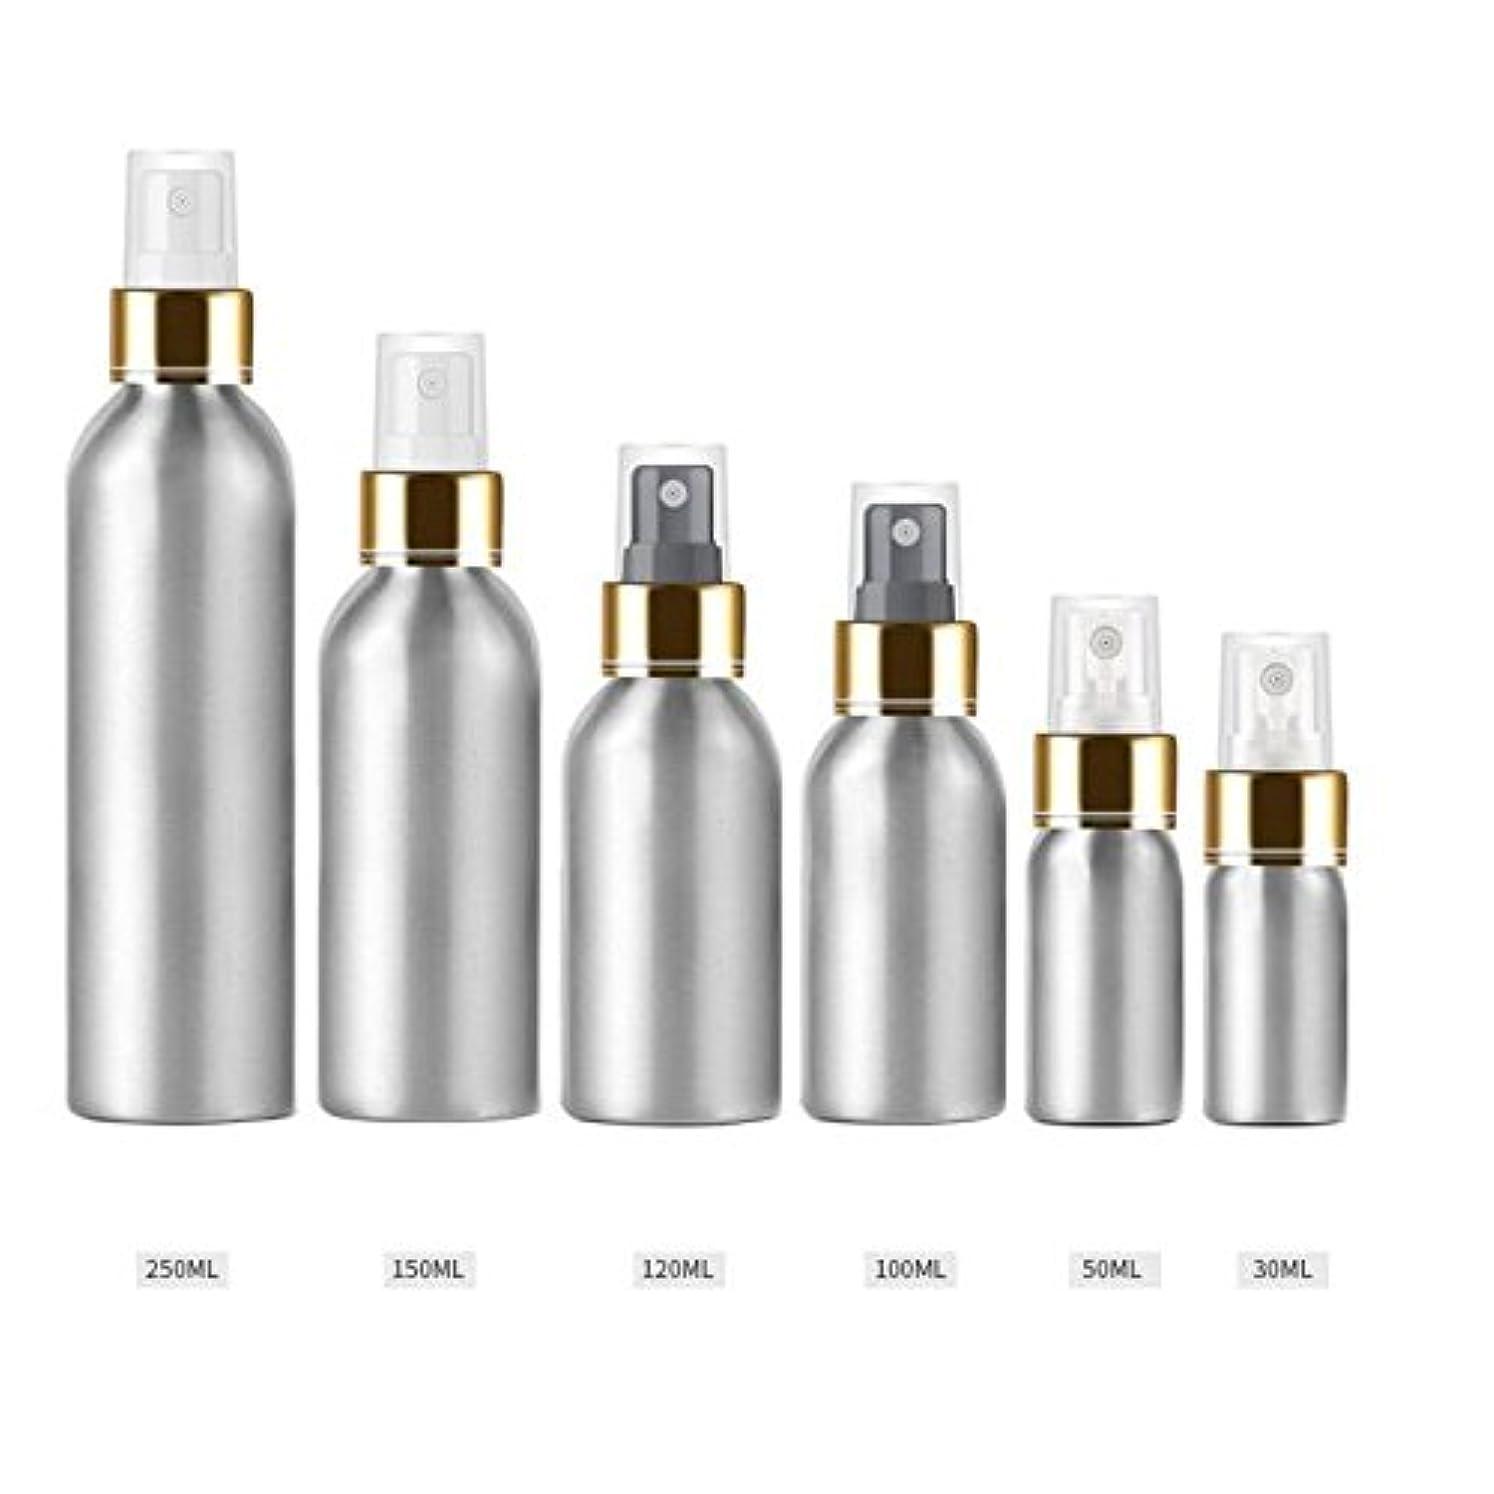 うま付録無駄Beho 1本30M1-250Mlアルミボトルアルミブライトゴールドアルマイトアルミスプレーボトル日焼け止めスプレーボトルトナーボトルトラベル - 透明 - 100Ml